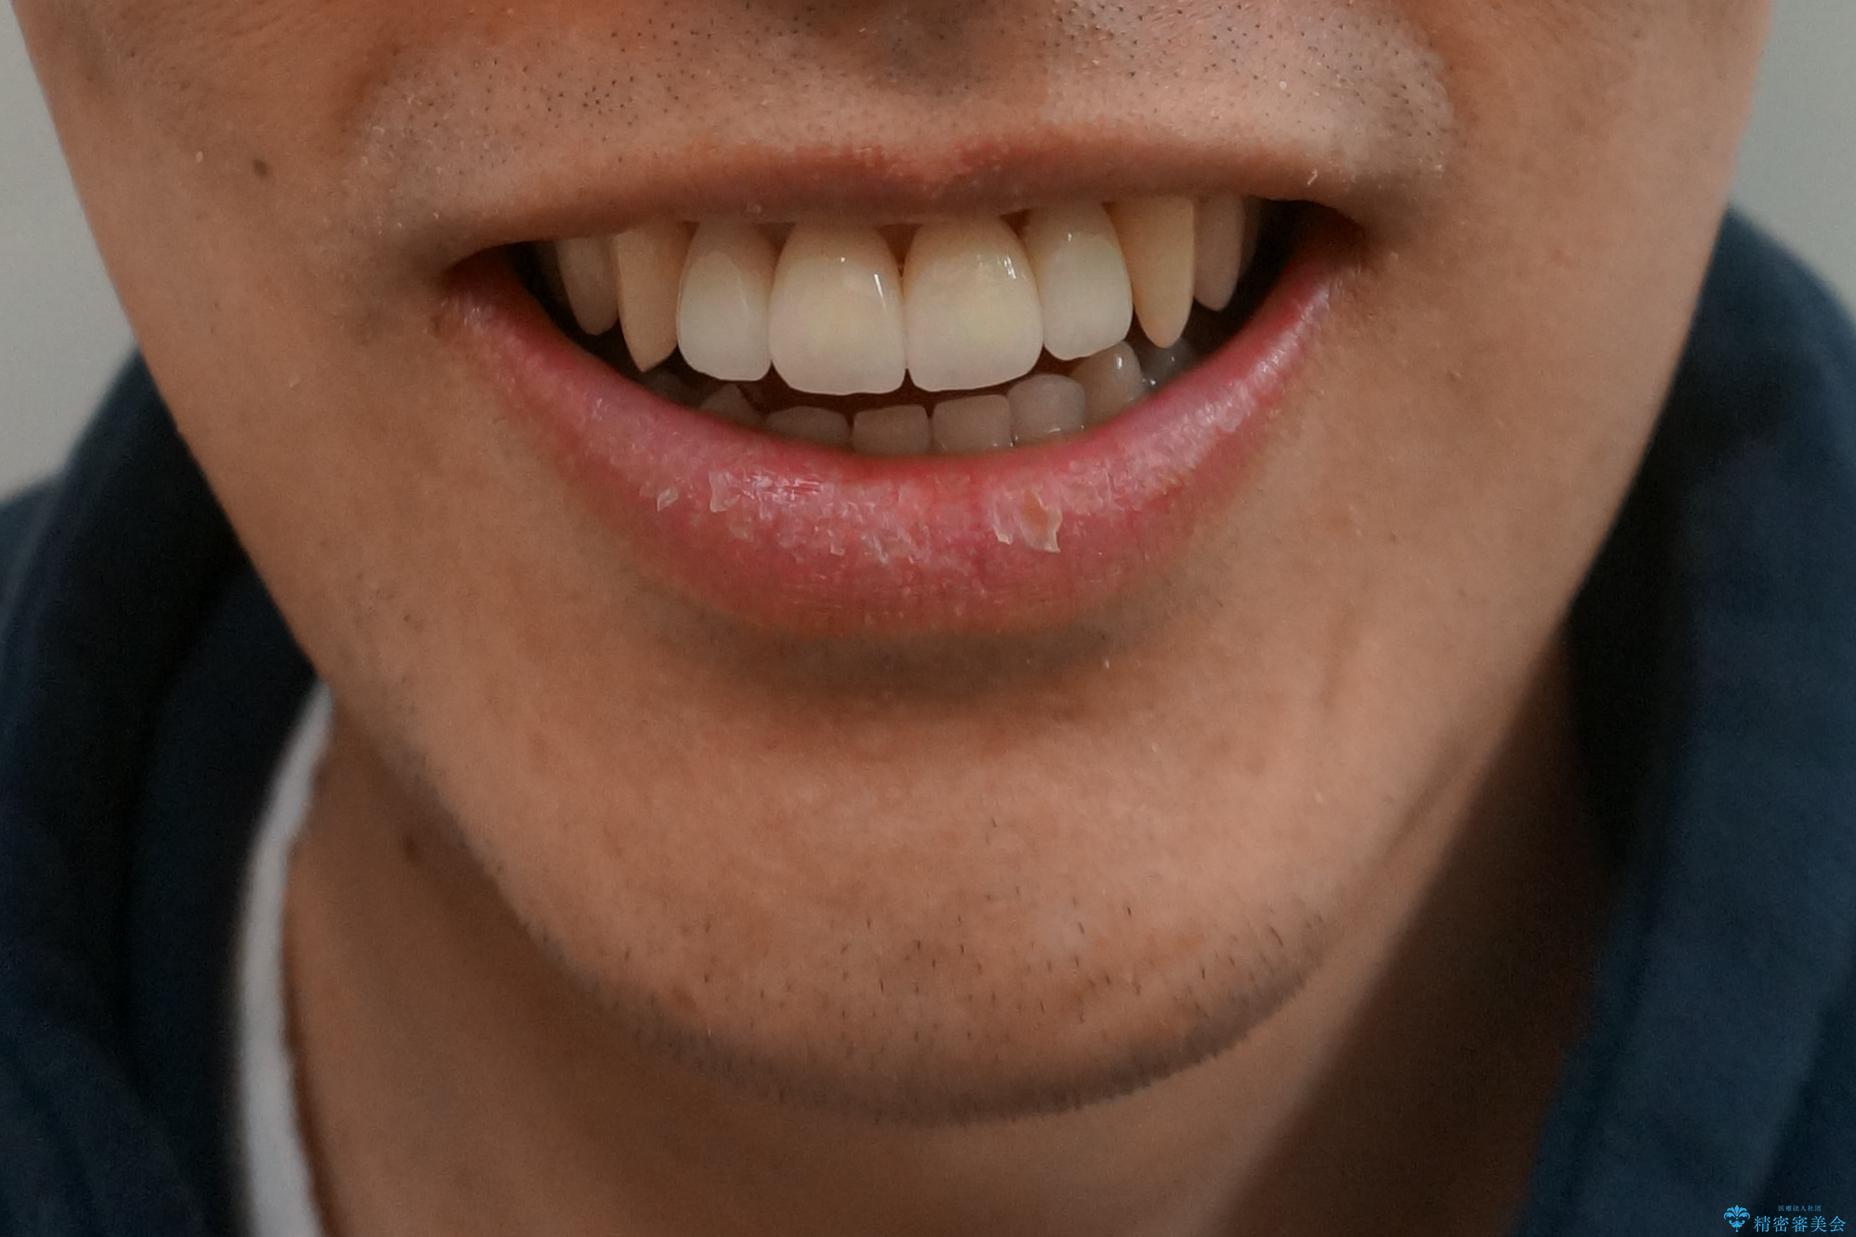 前歯のすき間 セラミックで綺麗に 最短で治療の治療後(顔貌)